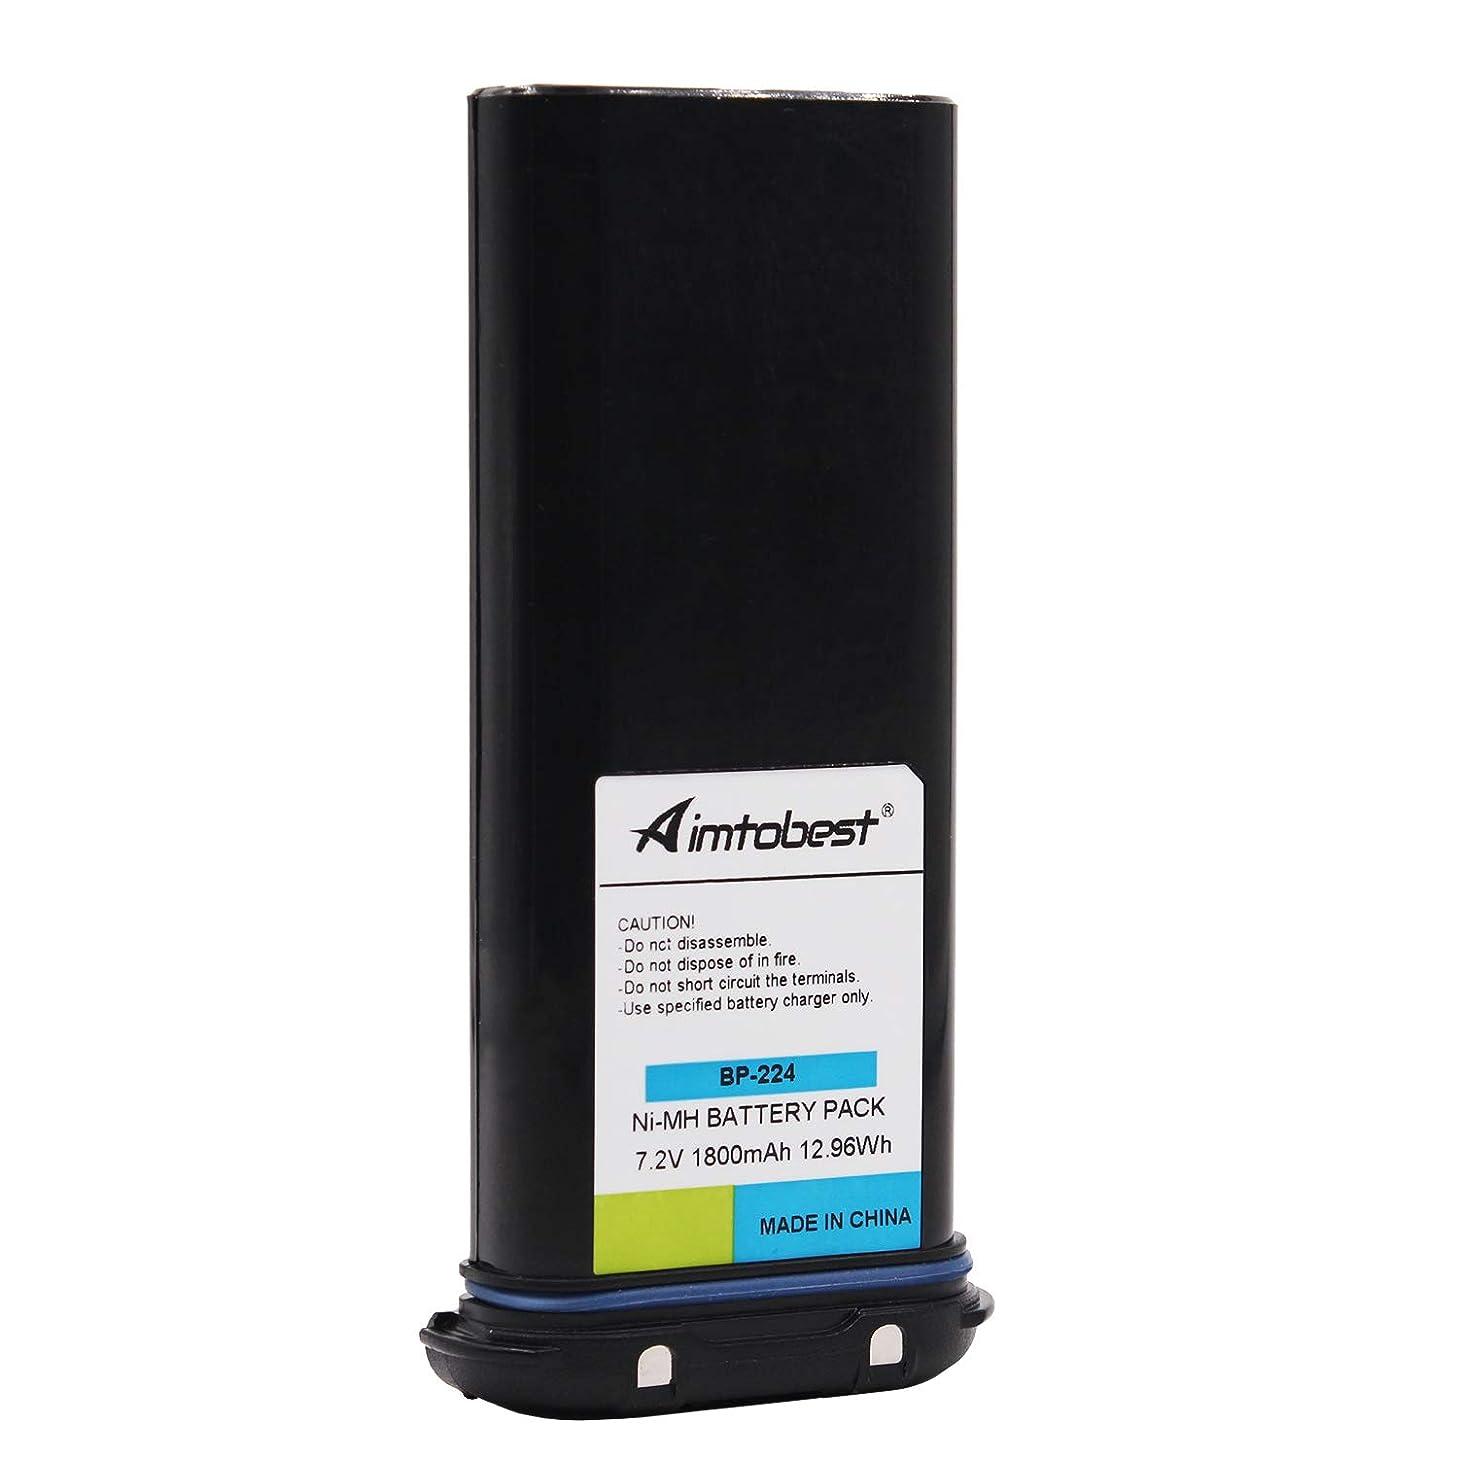 BP-224 1800mAh Ni-MH Battery Compatible for ICOM IC-M2A IC-M32 IC-M34 IC-M36 M32 M34 M36